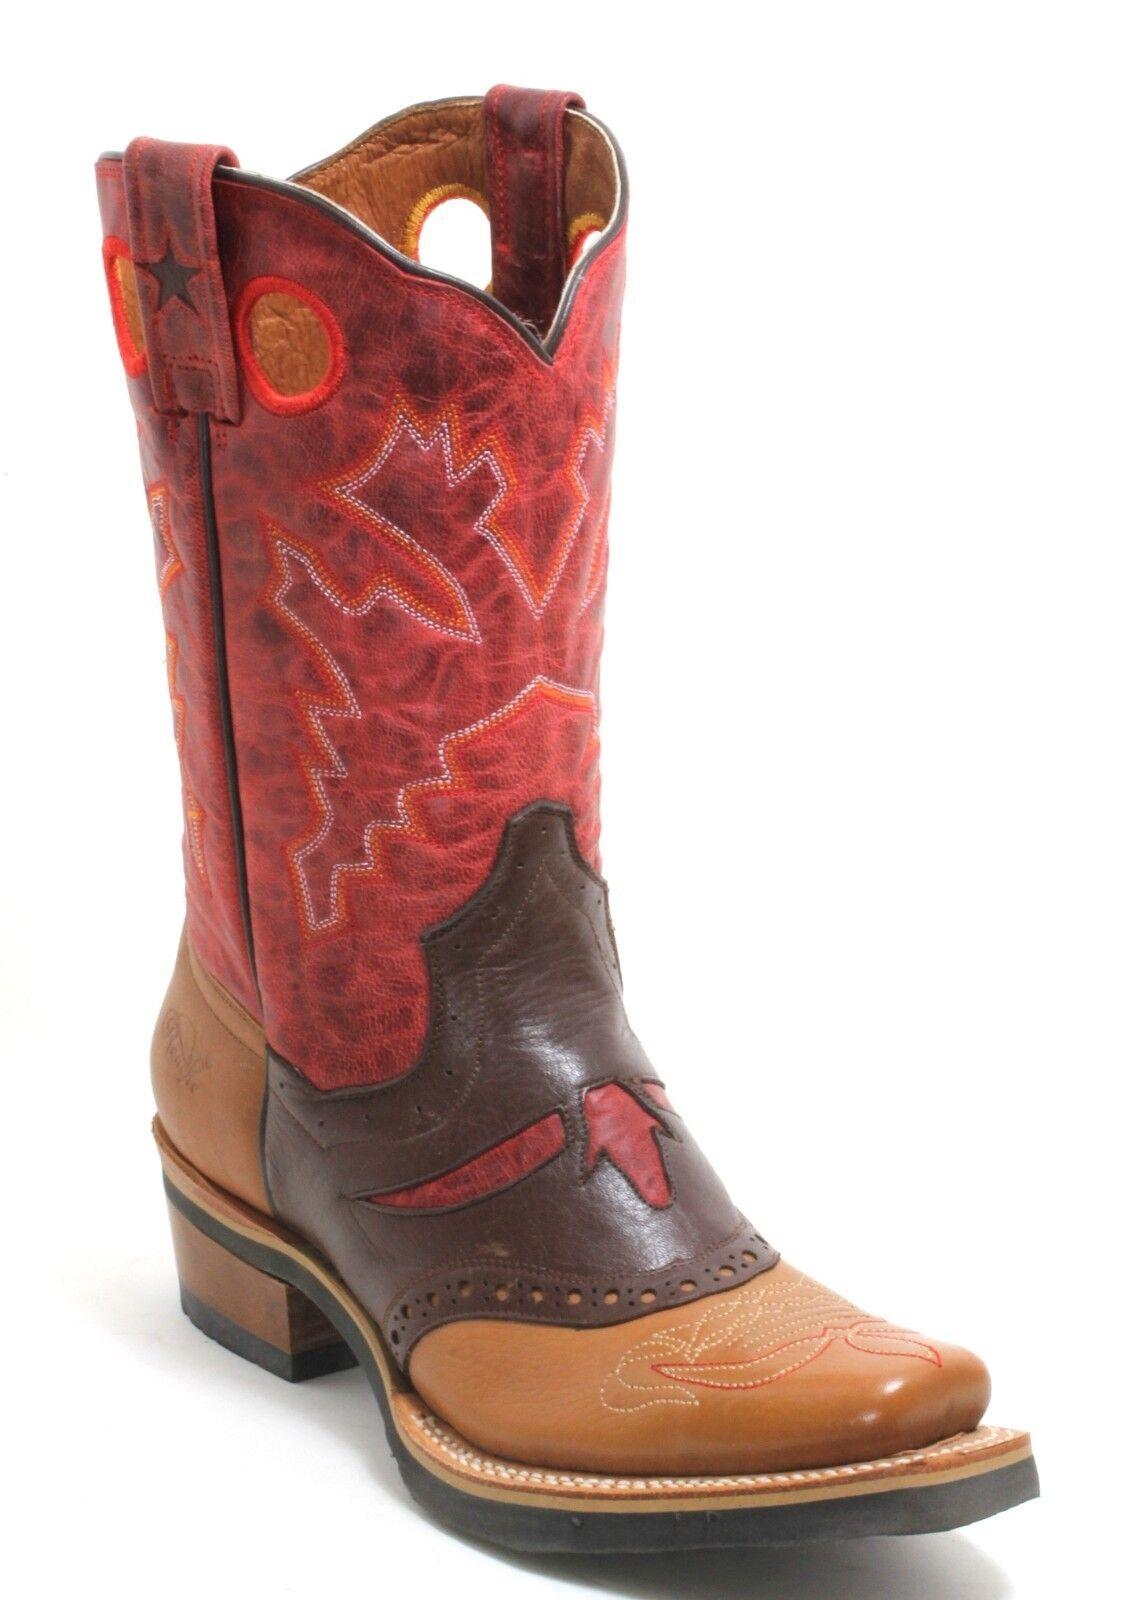 227 Cowboystiefel Westernstiefel Westernreitstiefel Catala Rodeo Rancho 39